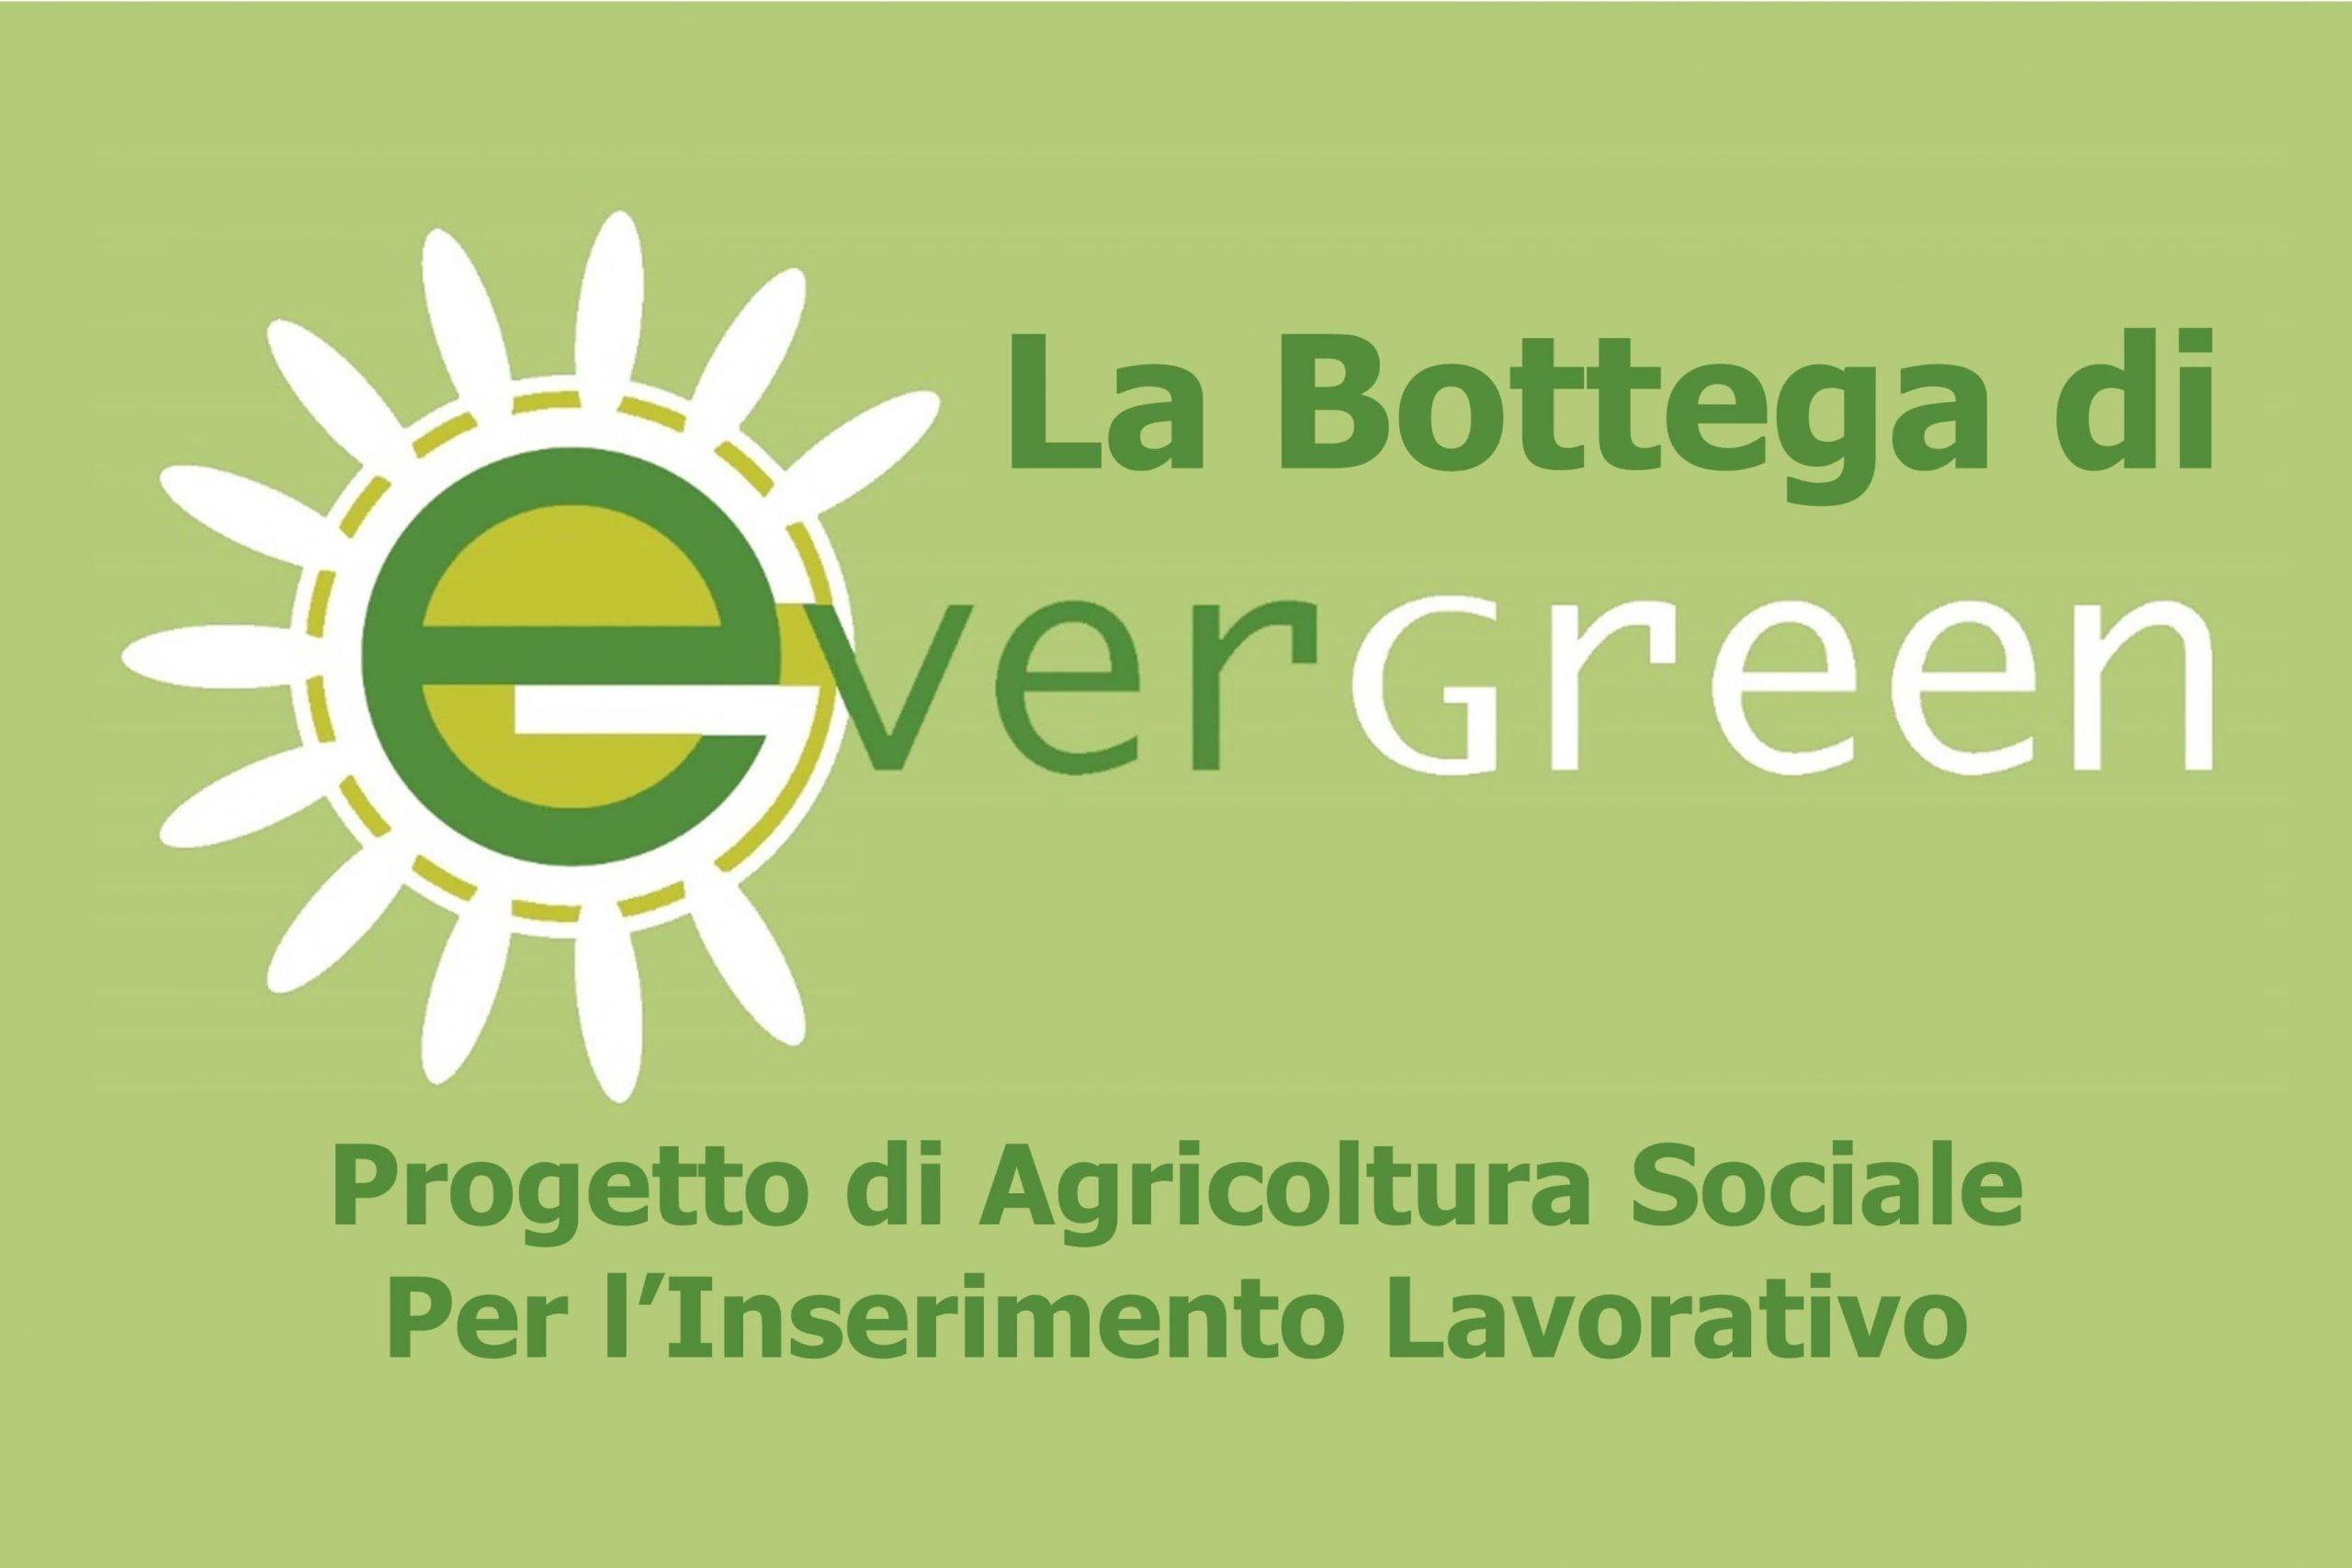 La Bottega di Evergreen logo